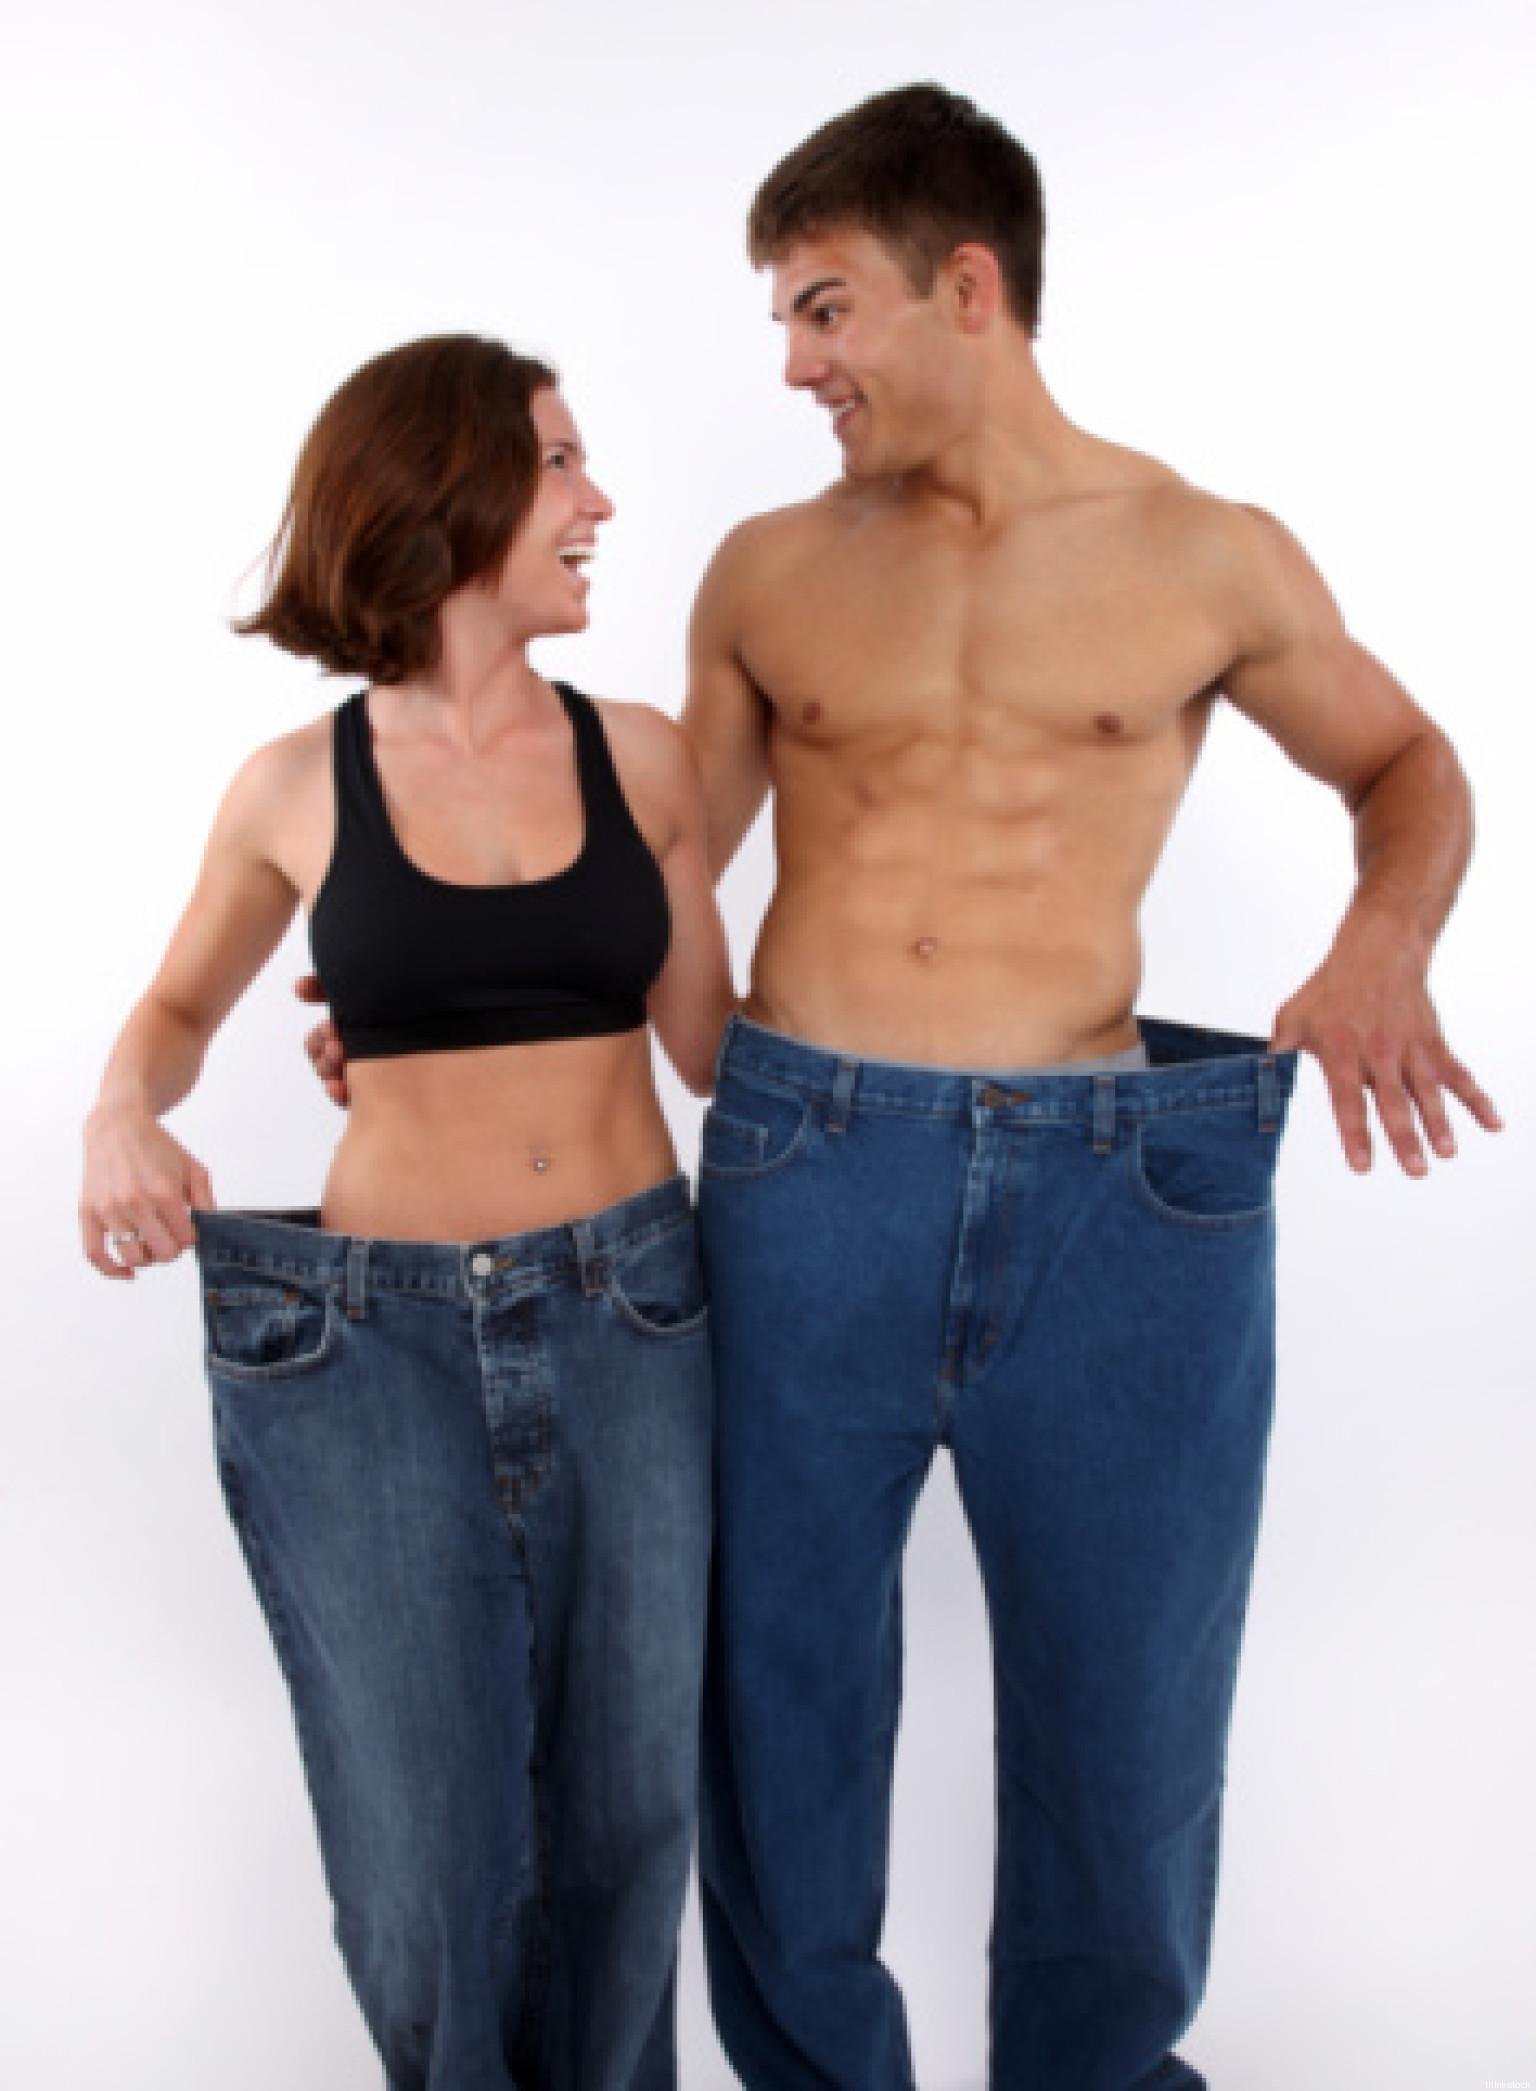 perdere peso prima di un intervento